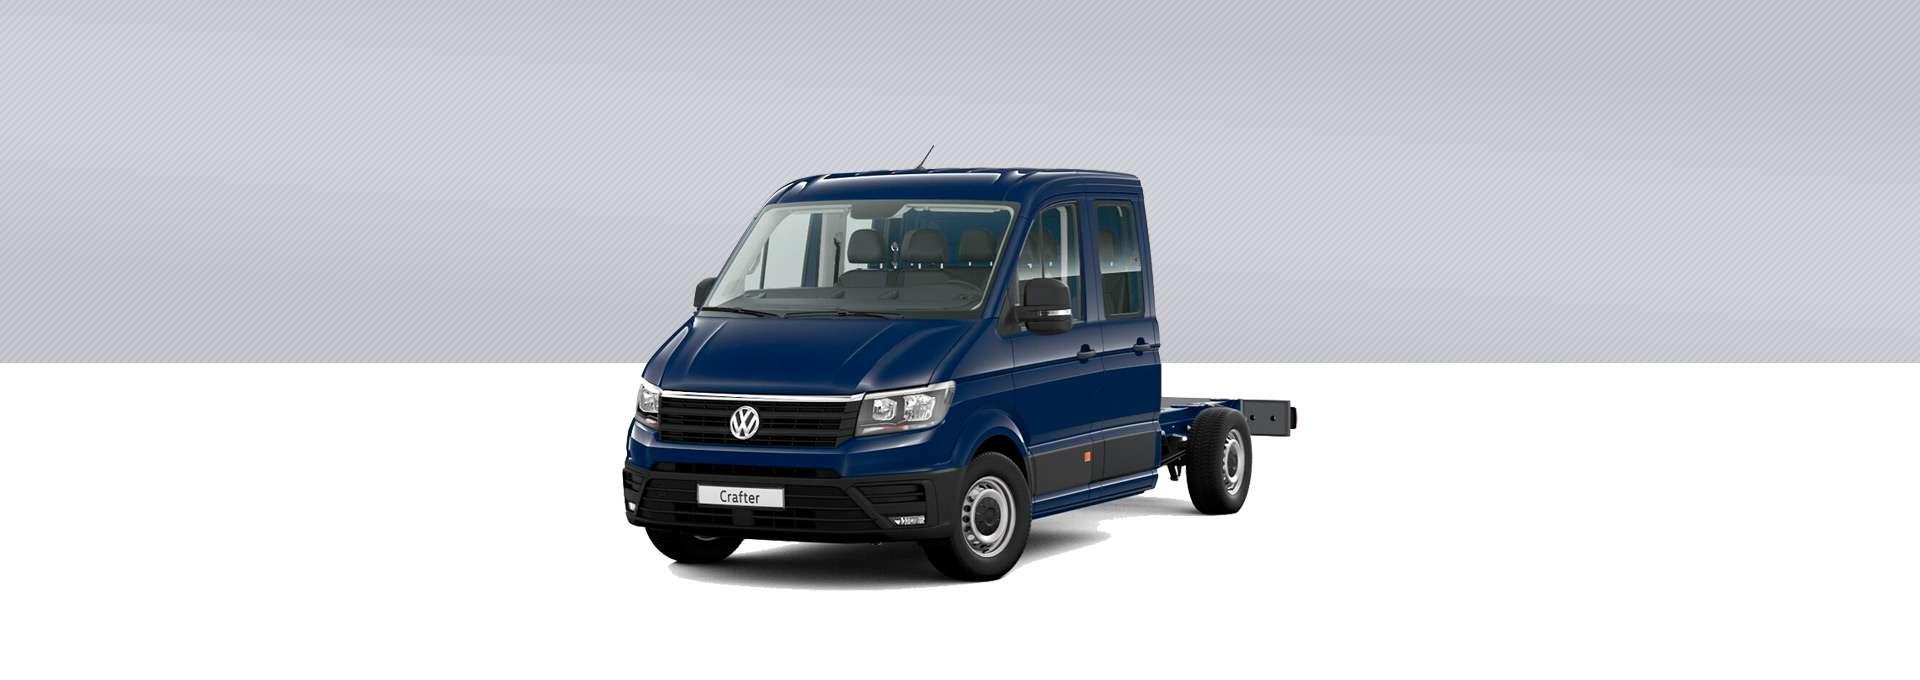 Volkswagen Crafter Chasiss